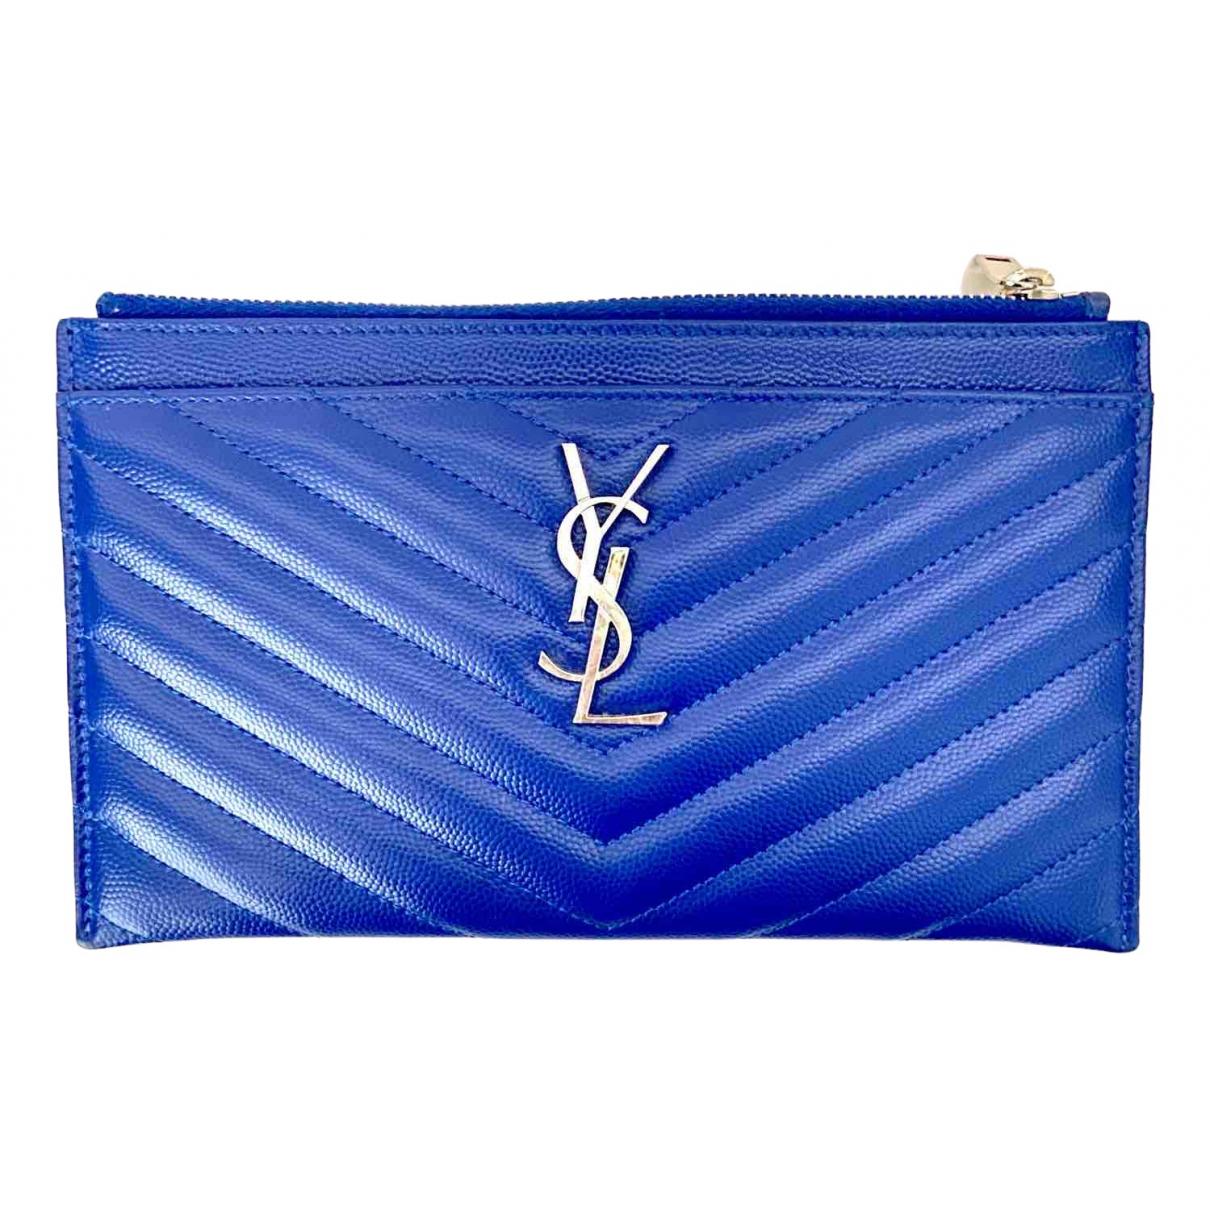 Saint Laurent - Portefeuille Monogramme pour femme en cuir - bleu